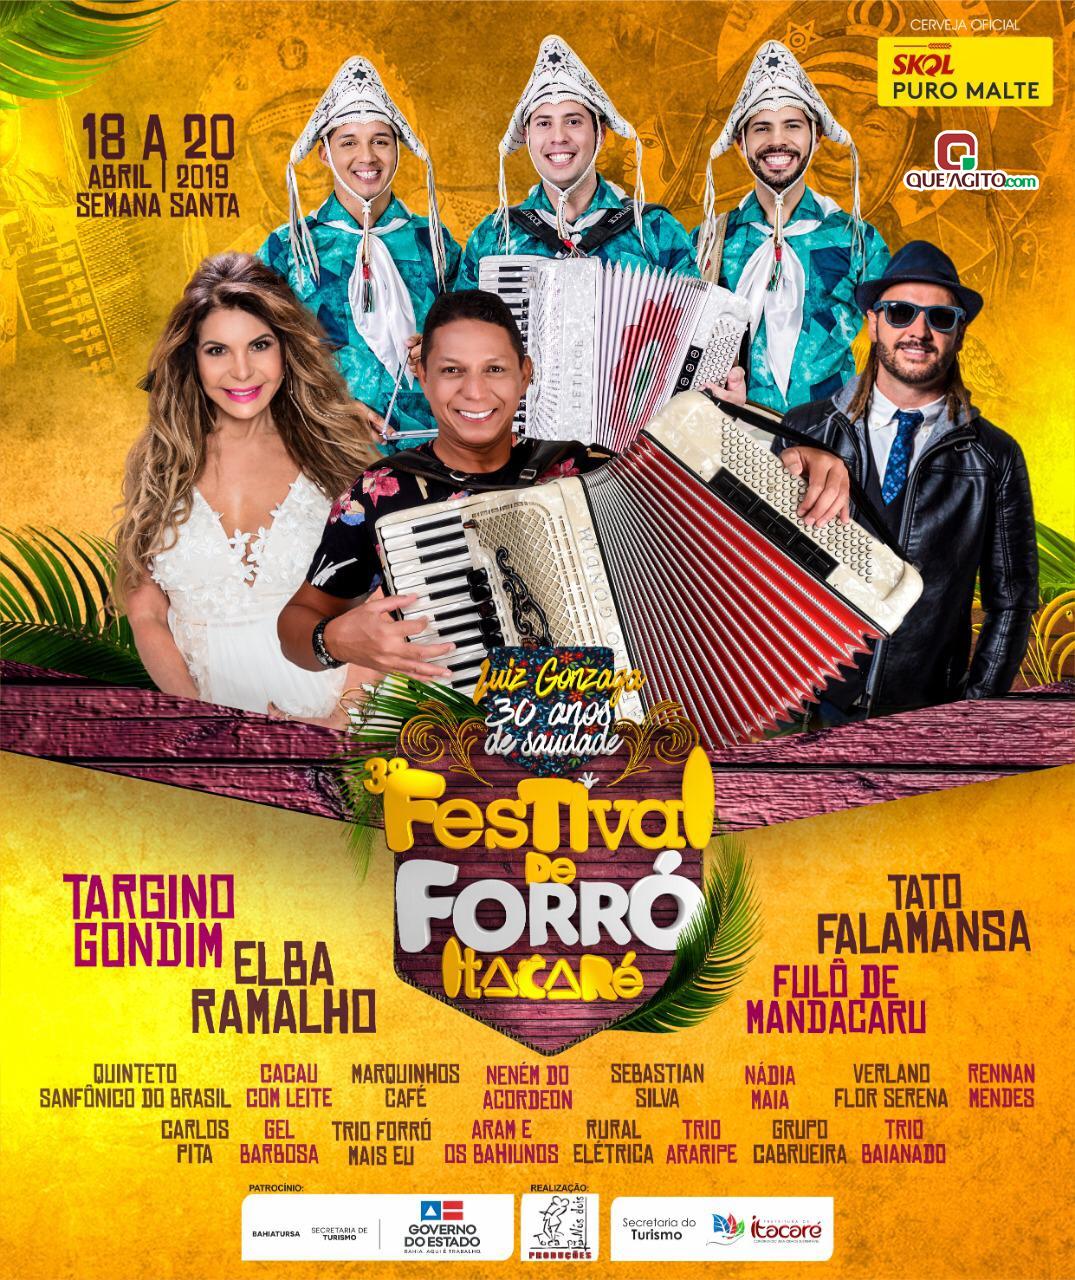 Grandes atrações nacionais vão estar em Itacaré litoral sul da Bahia no 3° Festival de Forró 26